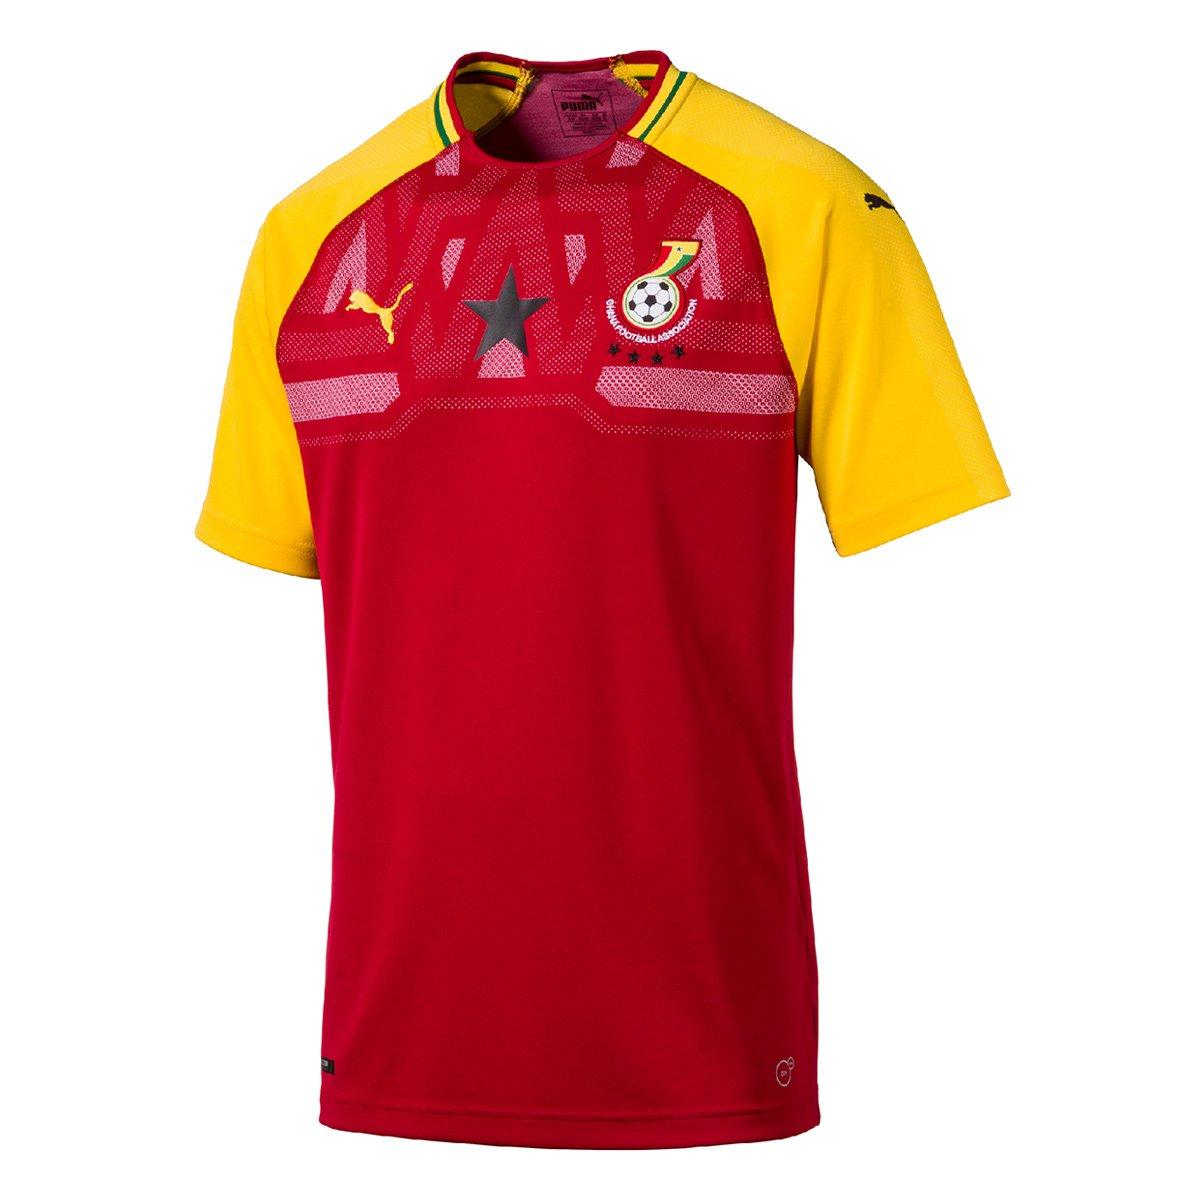 Camisa Seleção Ghana Home 2018 s nº - Torcedor Puma Masculina - Compre  Agora  0170647162814